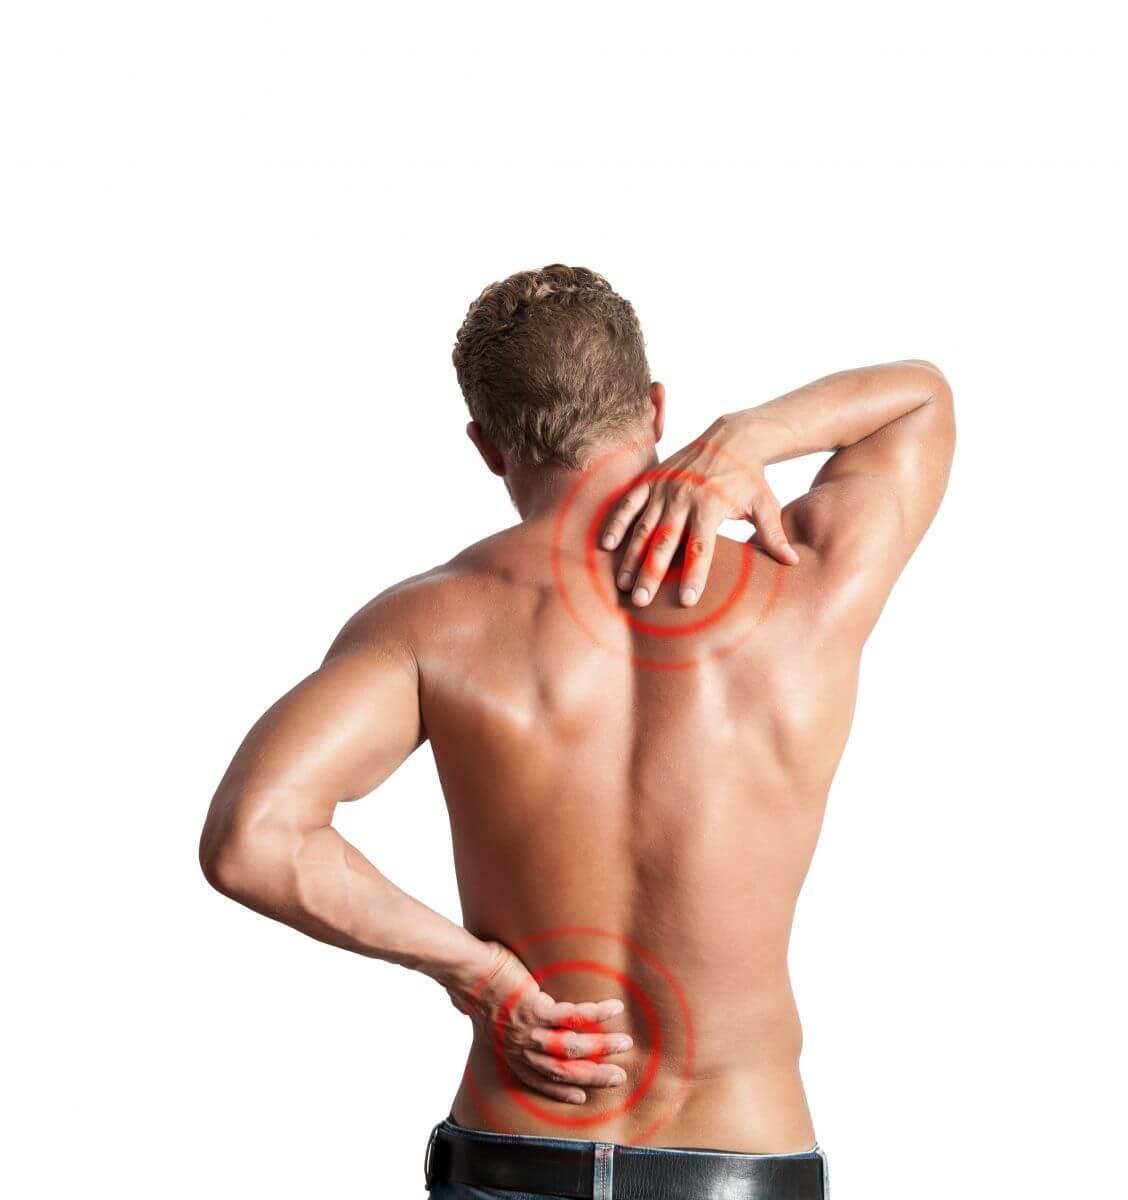 Причины и профилактика шейного и поясничного остеохондроза